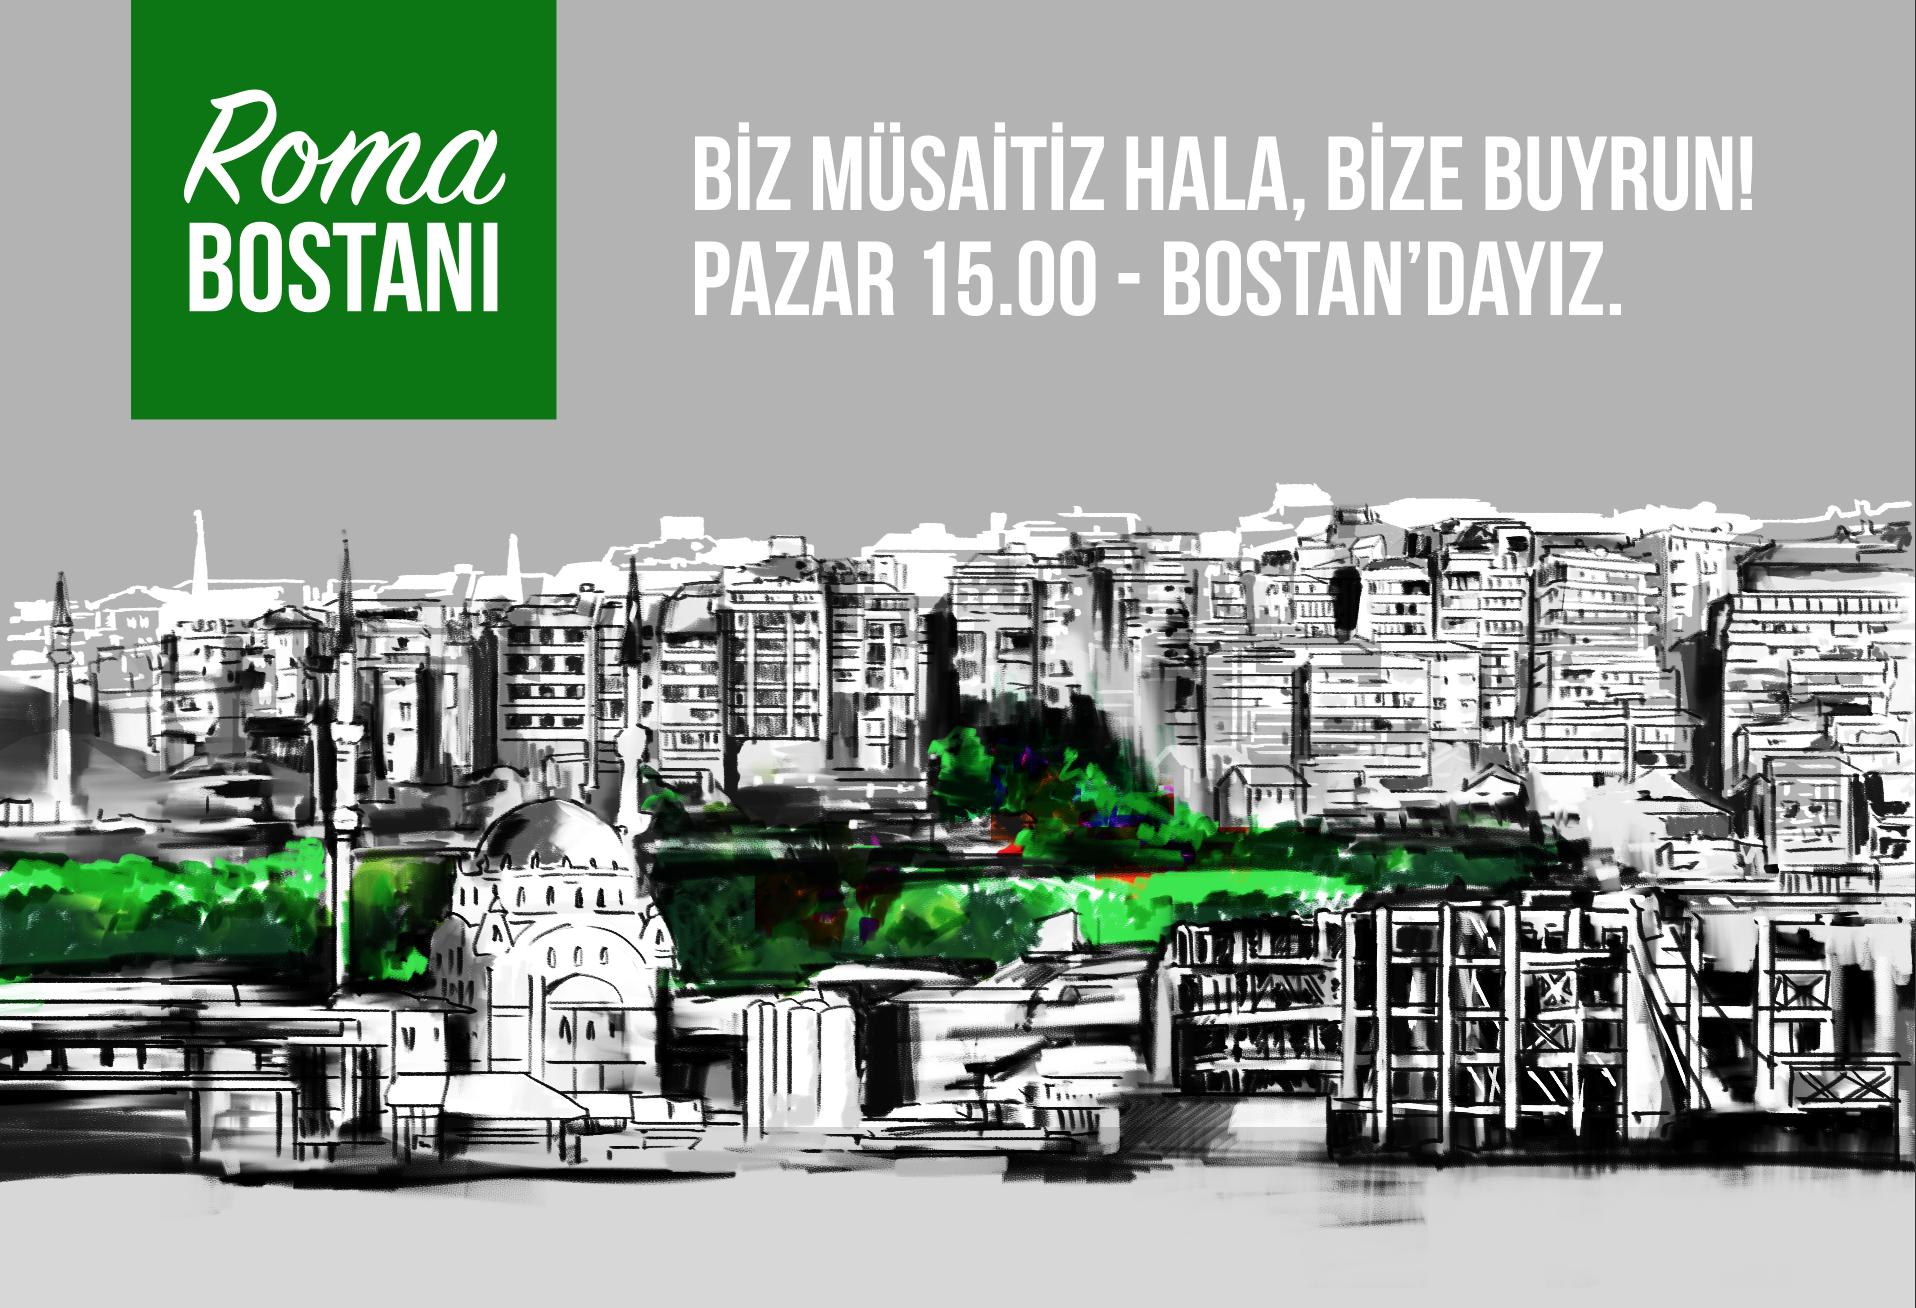 Roma Bostanı Bu Pazar, 25 Mart'ta İstanbulluları Baharı Karşılamaya Çağırıyor!